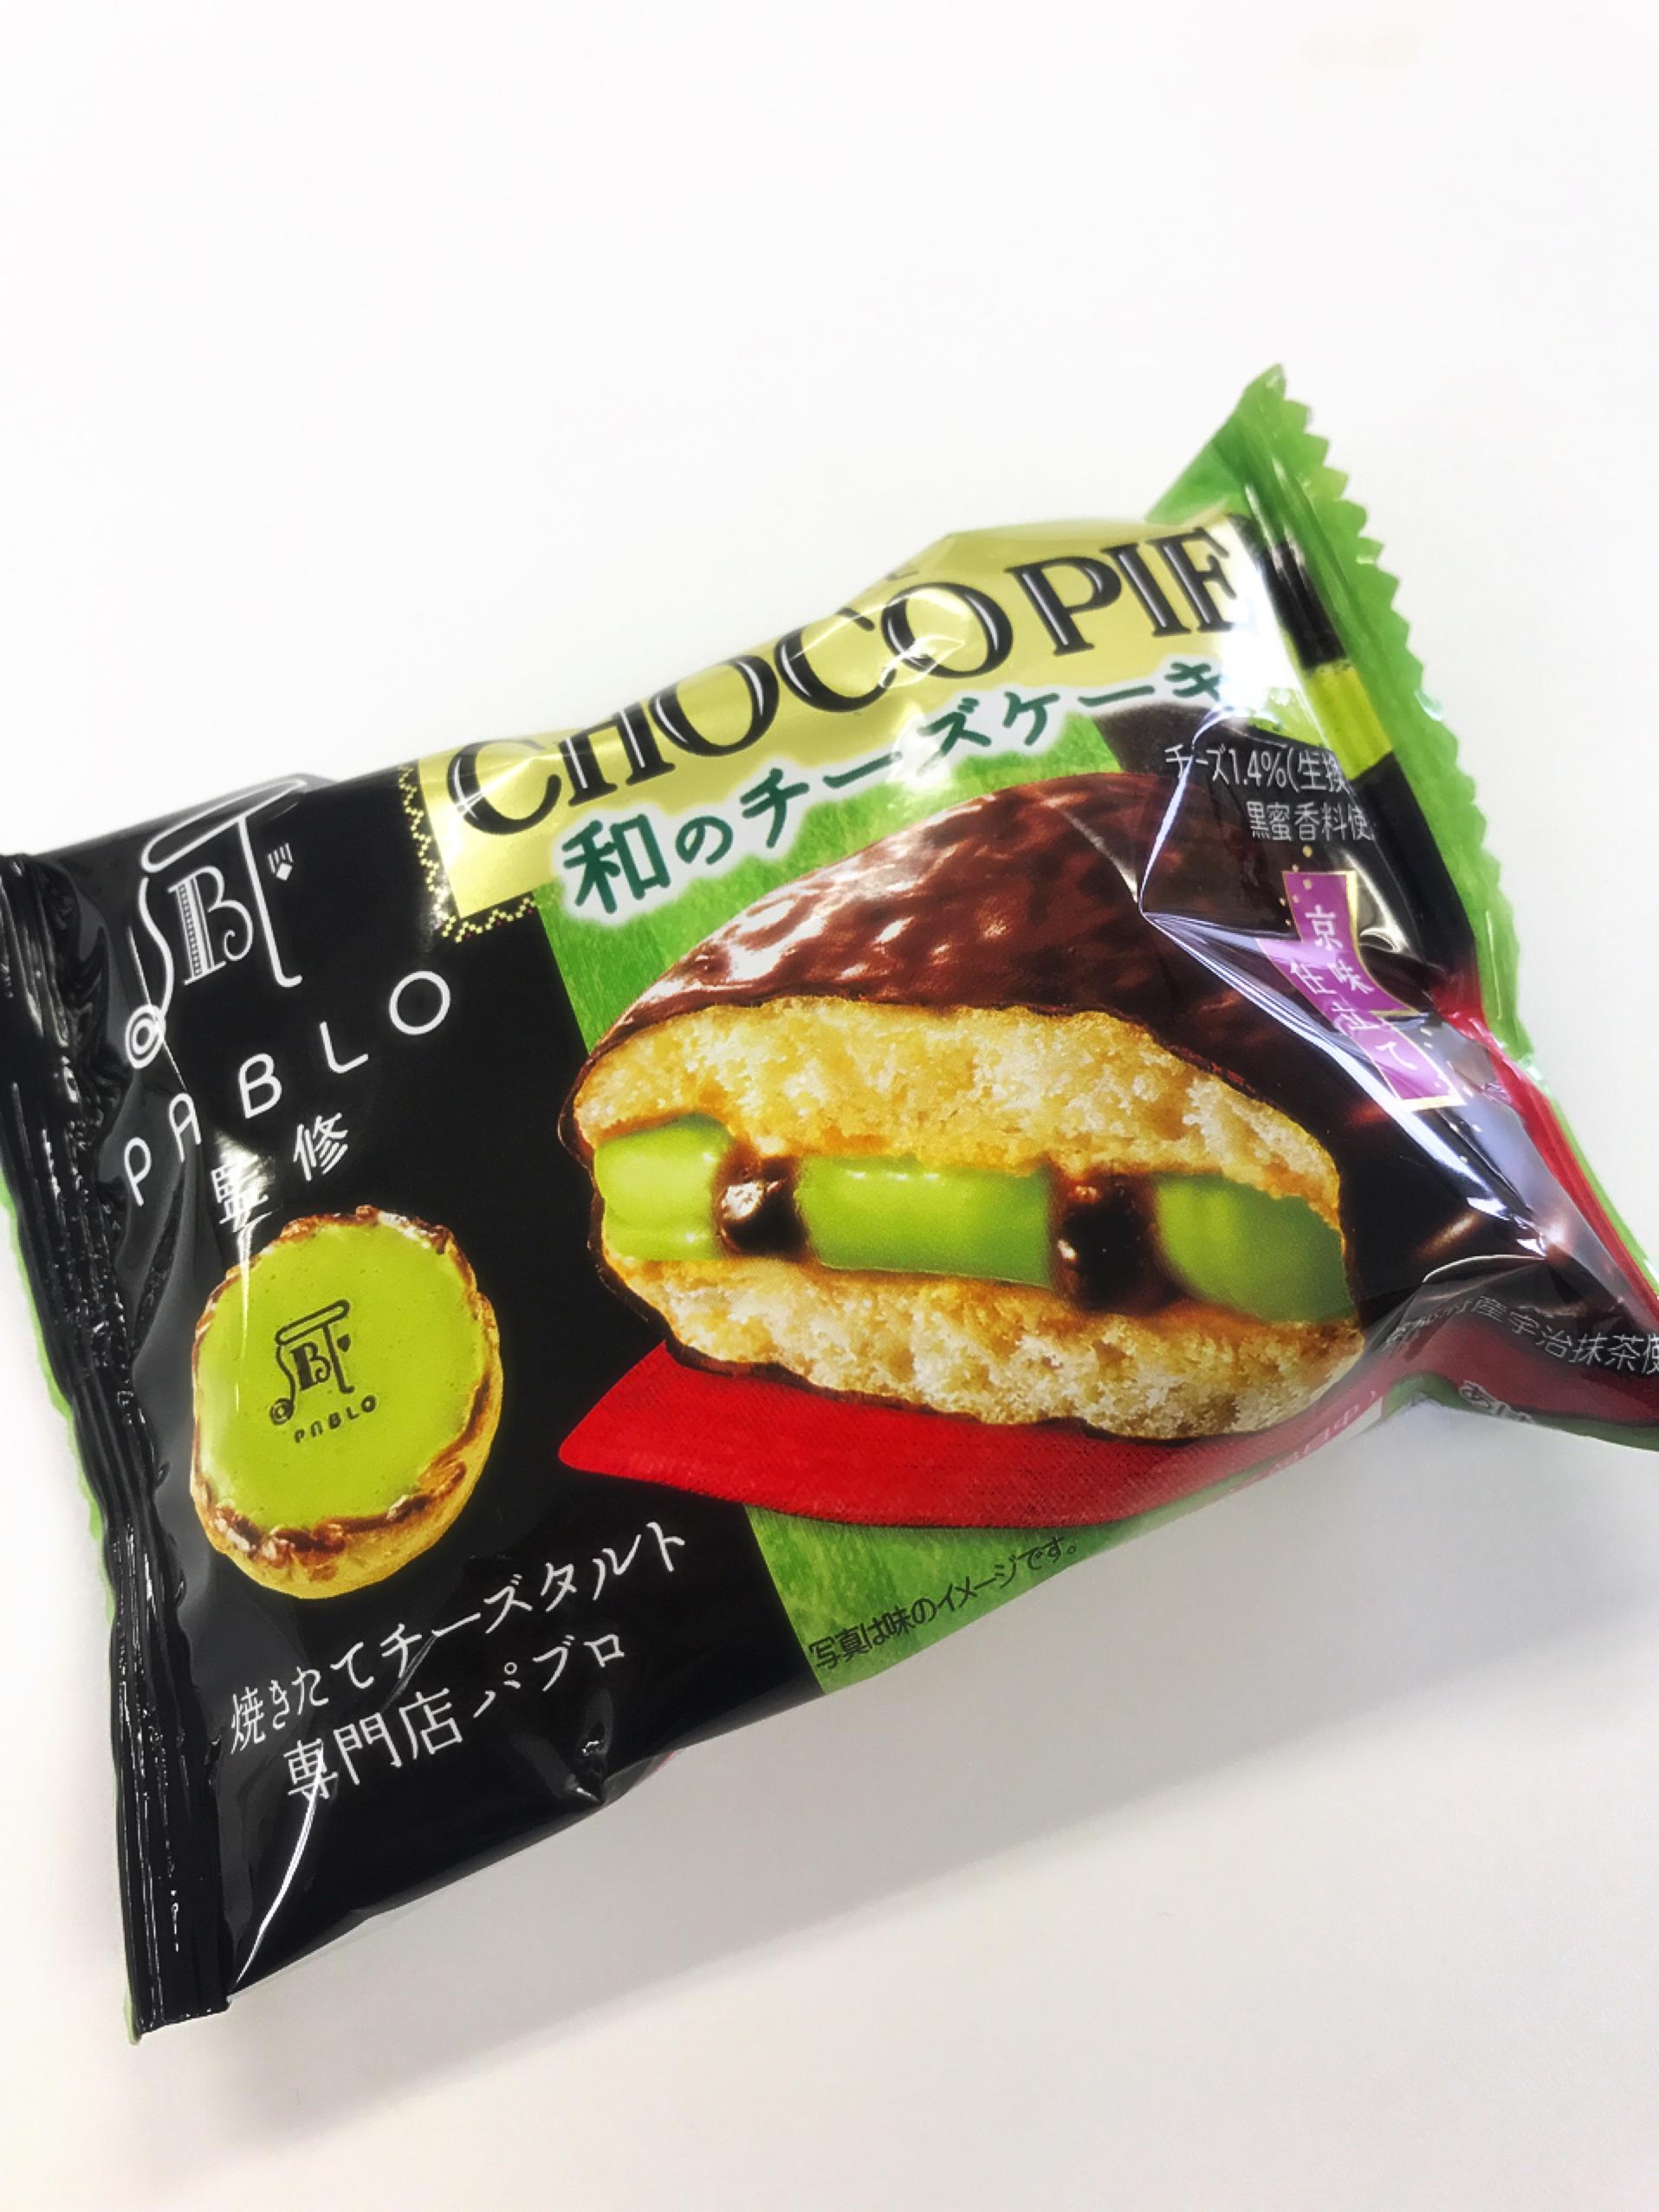 パブロ×チョコパイ新作★抹茶スイーツ【和のチーズケーキ 京味仕立て】